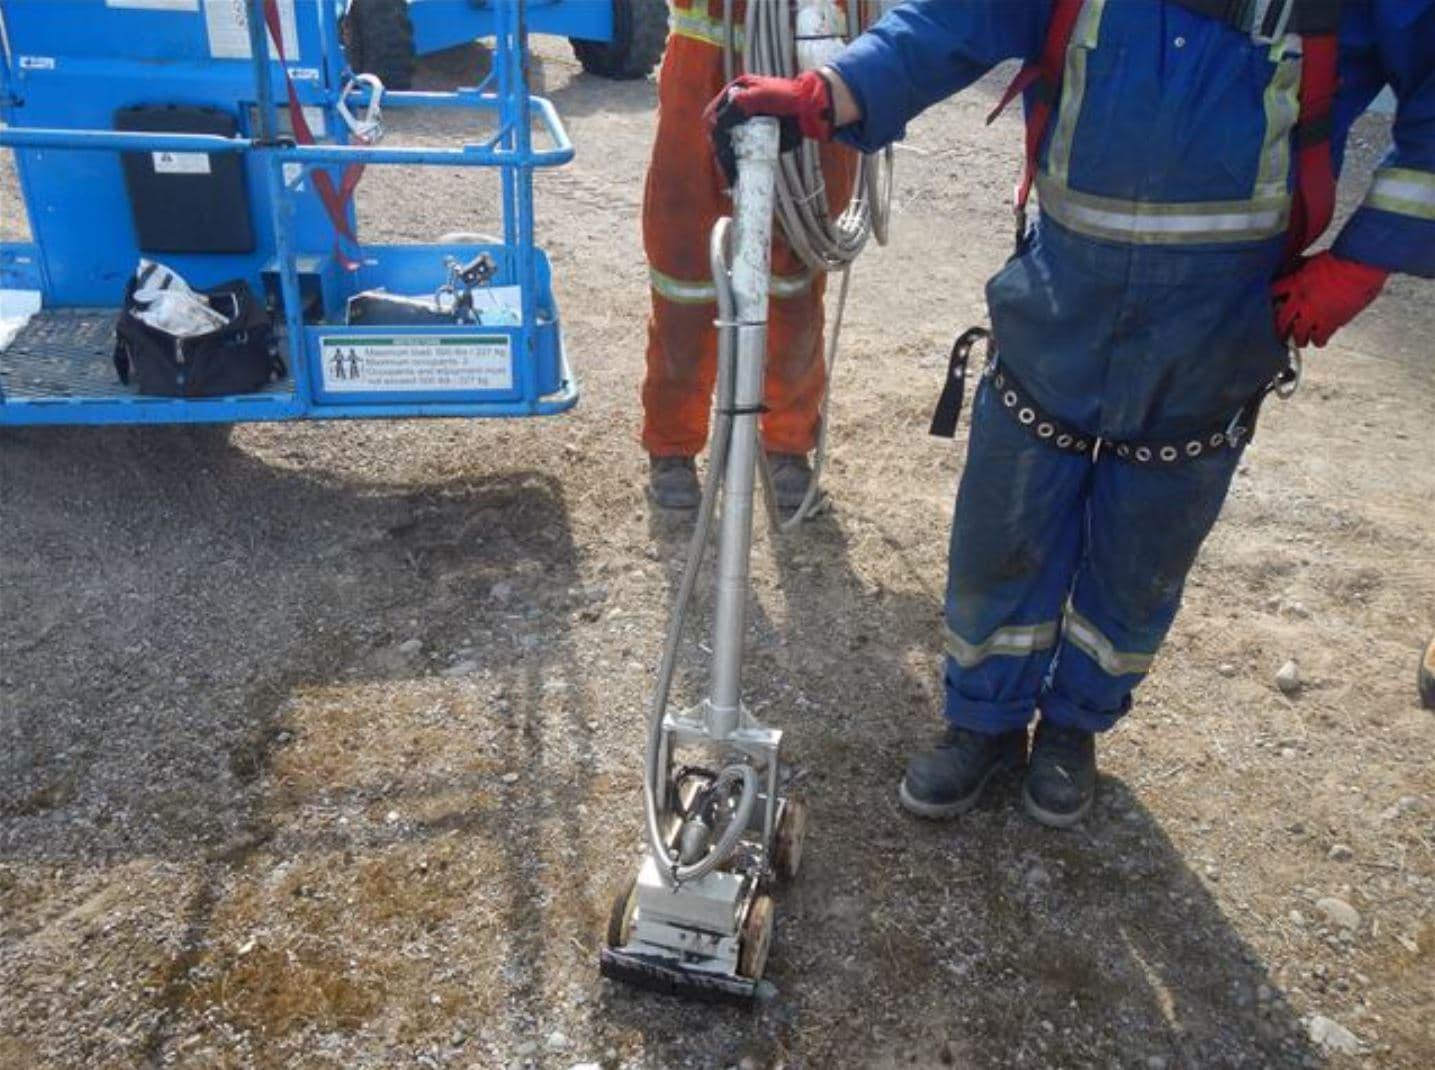 travailleur en équipement de protection individuelle complet tenant la poignée du robot rimouski debout dans un chemin de terre